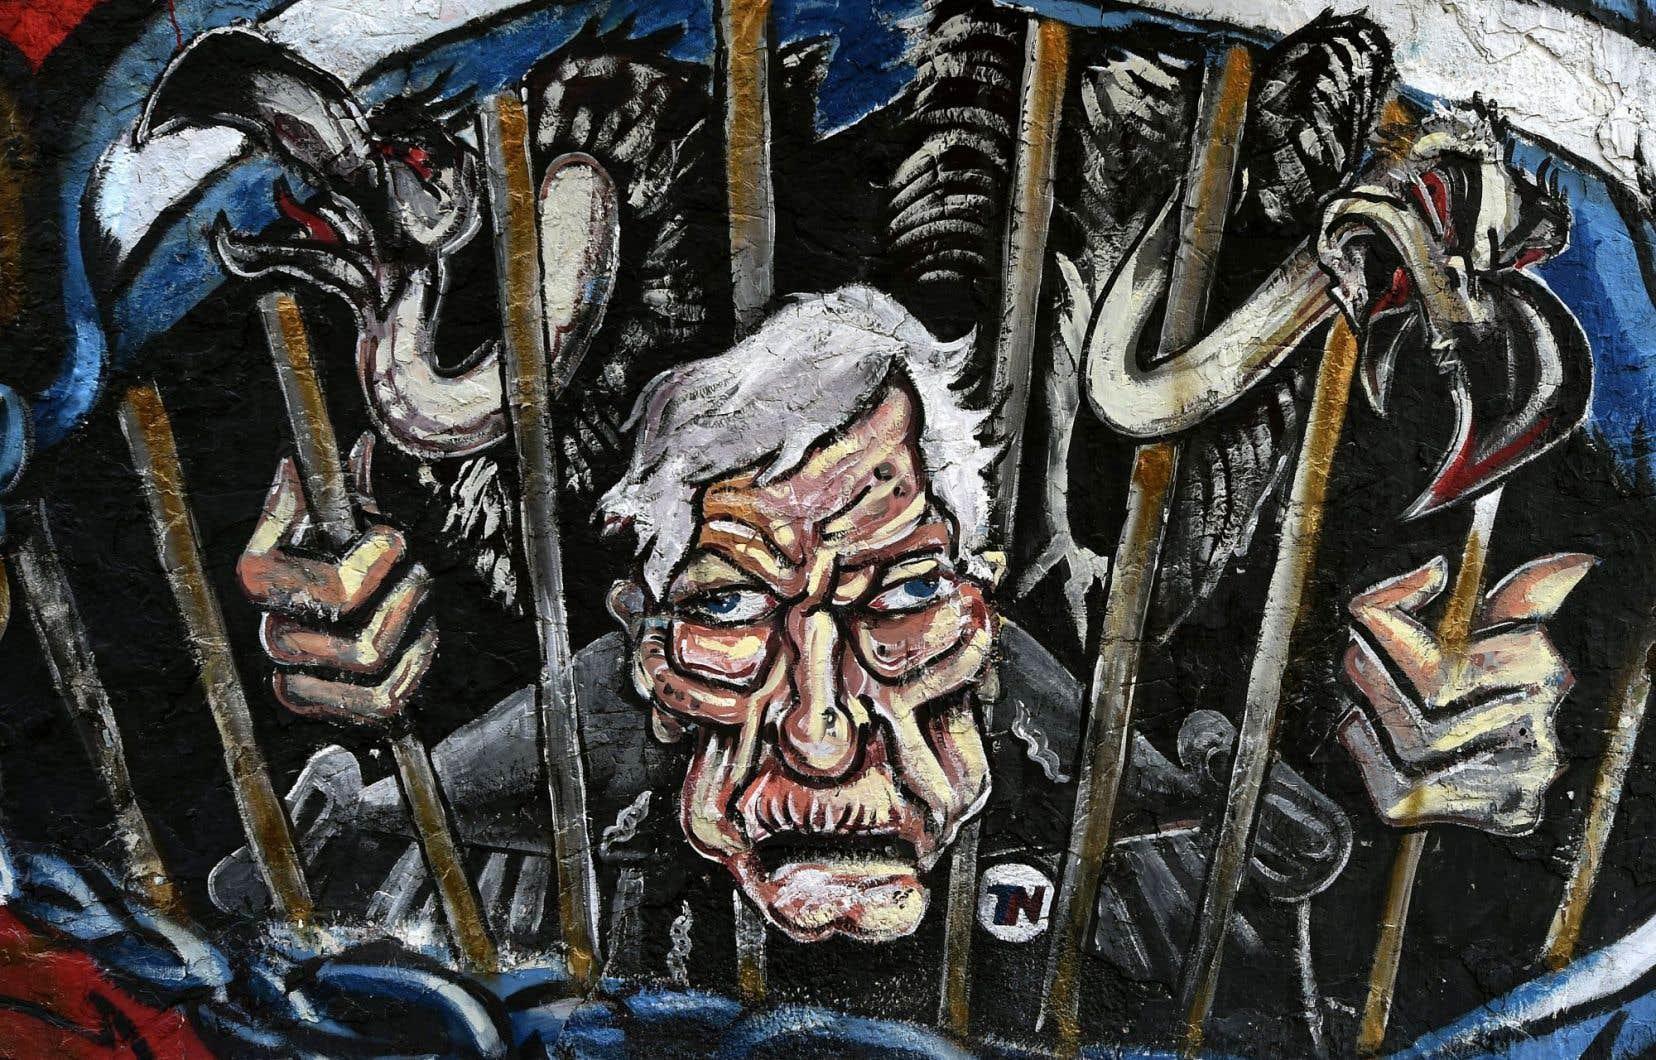 Sur le mur extérieur d'un commerce situé juste à côté du Congrès national à Buenos Aires, un artiste a peint cette fresque montrant le juge américain Thomas Griesa, qui s'est rendu célèbre en donnant raison à des fonds d'investissement dits «vautours» contre l'Argentine. L'ONU veut éviter que les pays qui se retrouvent en défaut de paiement soient à la merci de leurs créanciers.